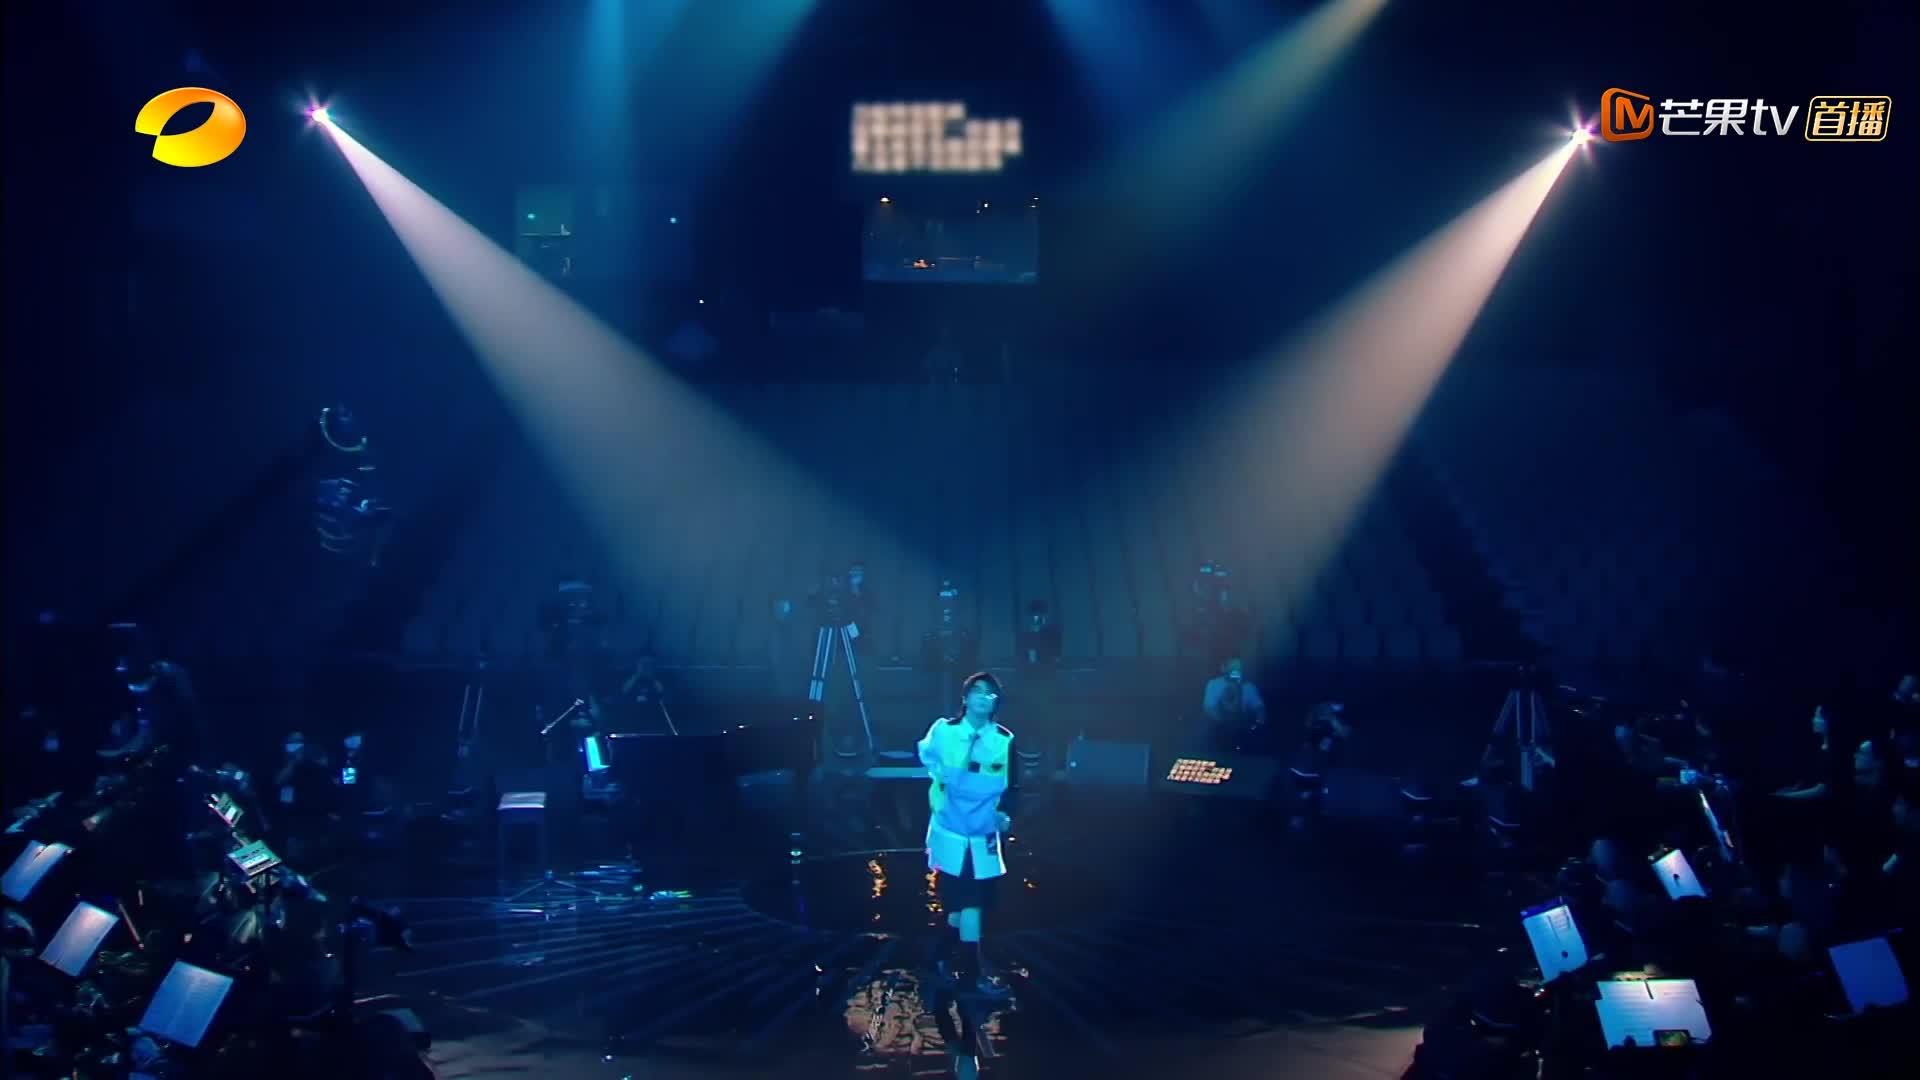 歌手:华晨宇的这段说唱真是精彩,这潇洒自如的台风,太有范!